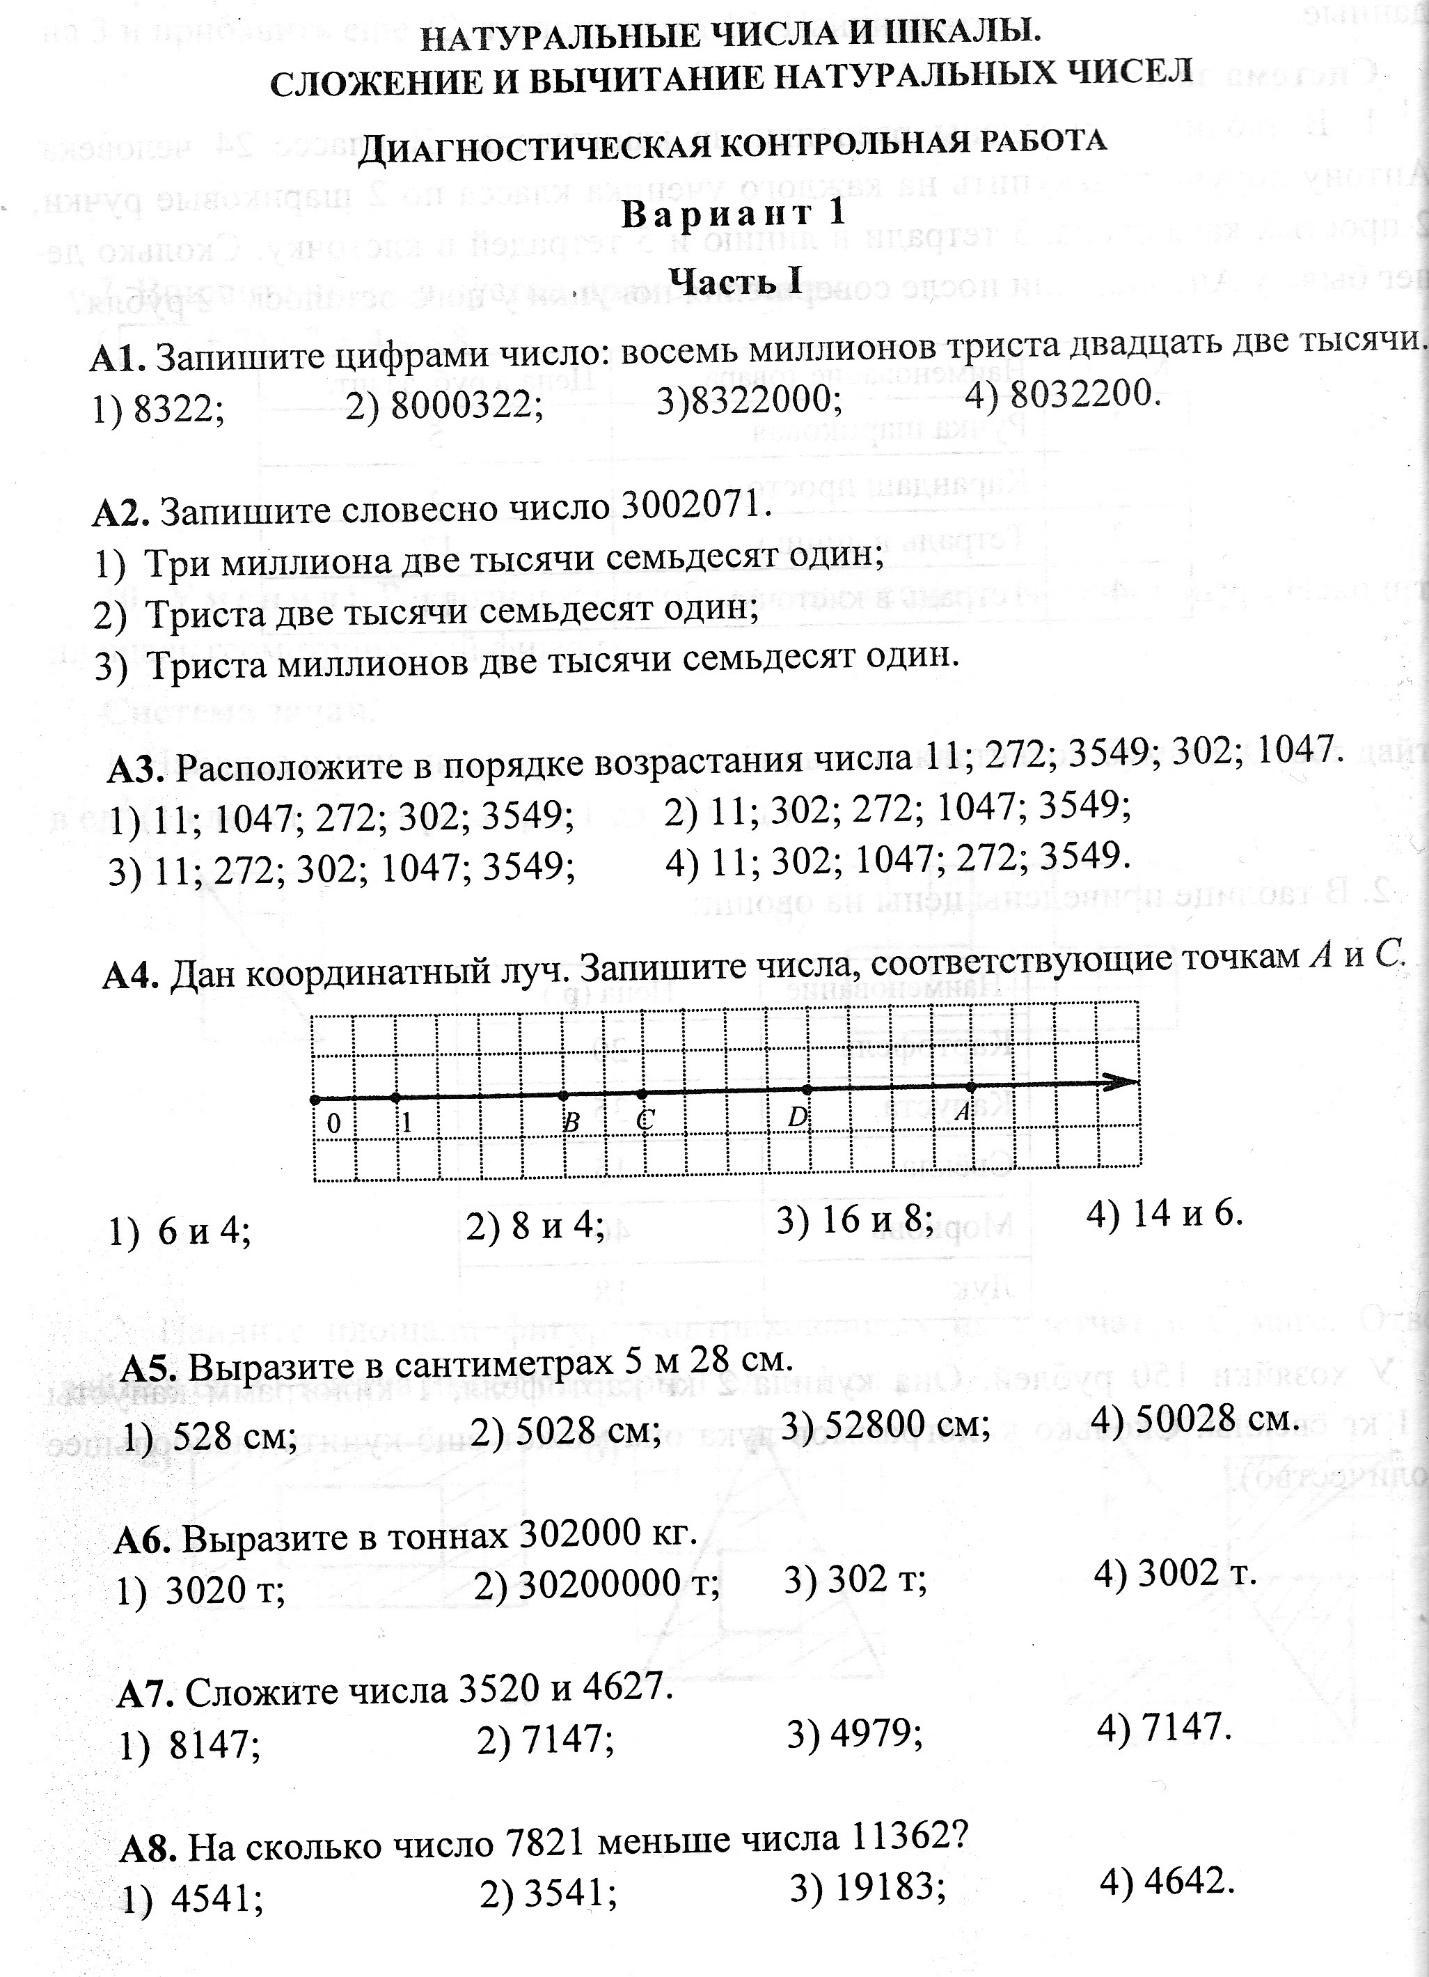 Дидактические материалы математика 5 класс кнутова уединов скачать